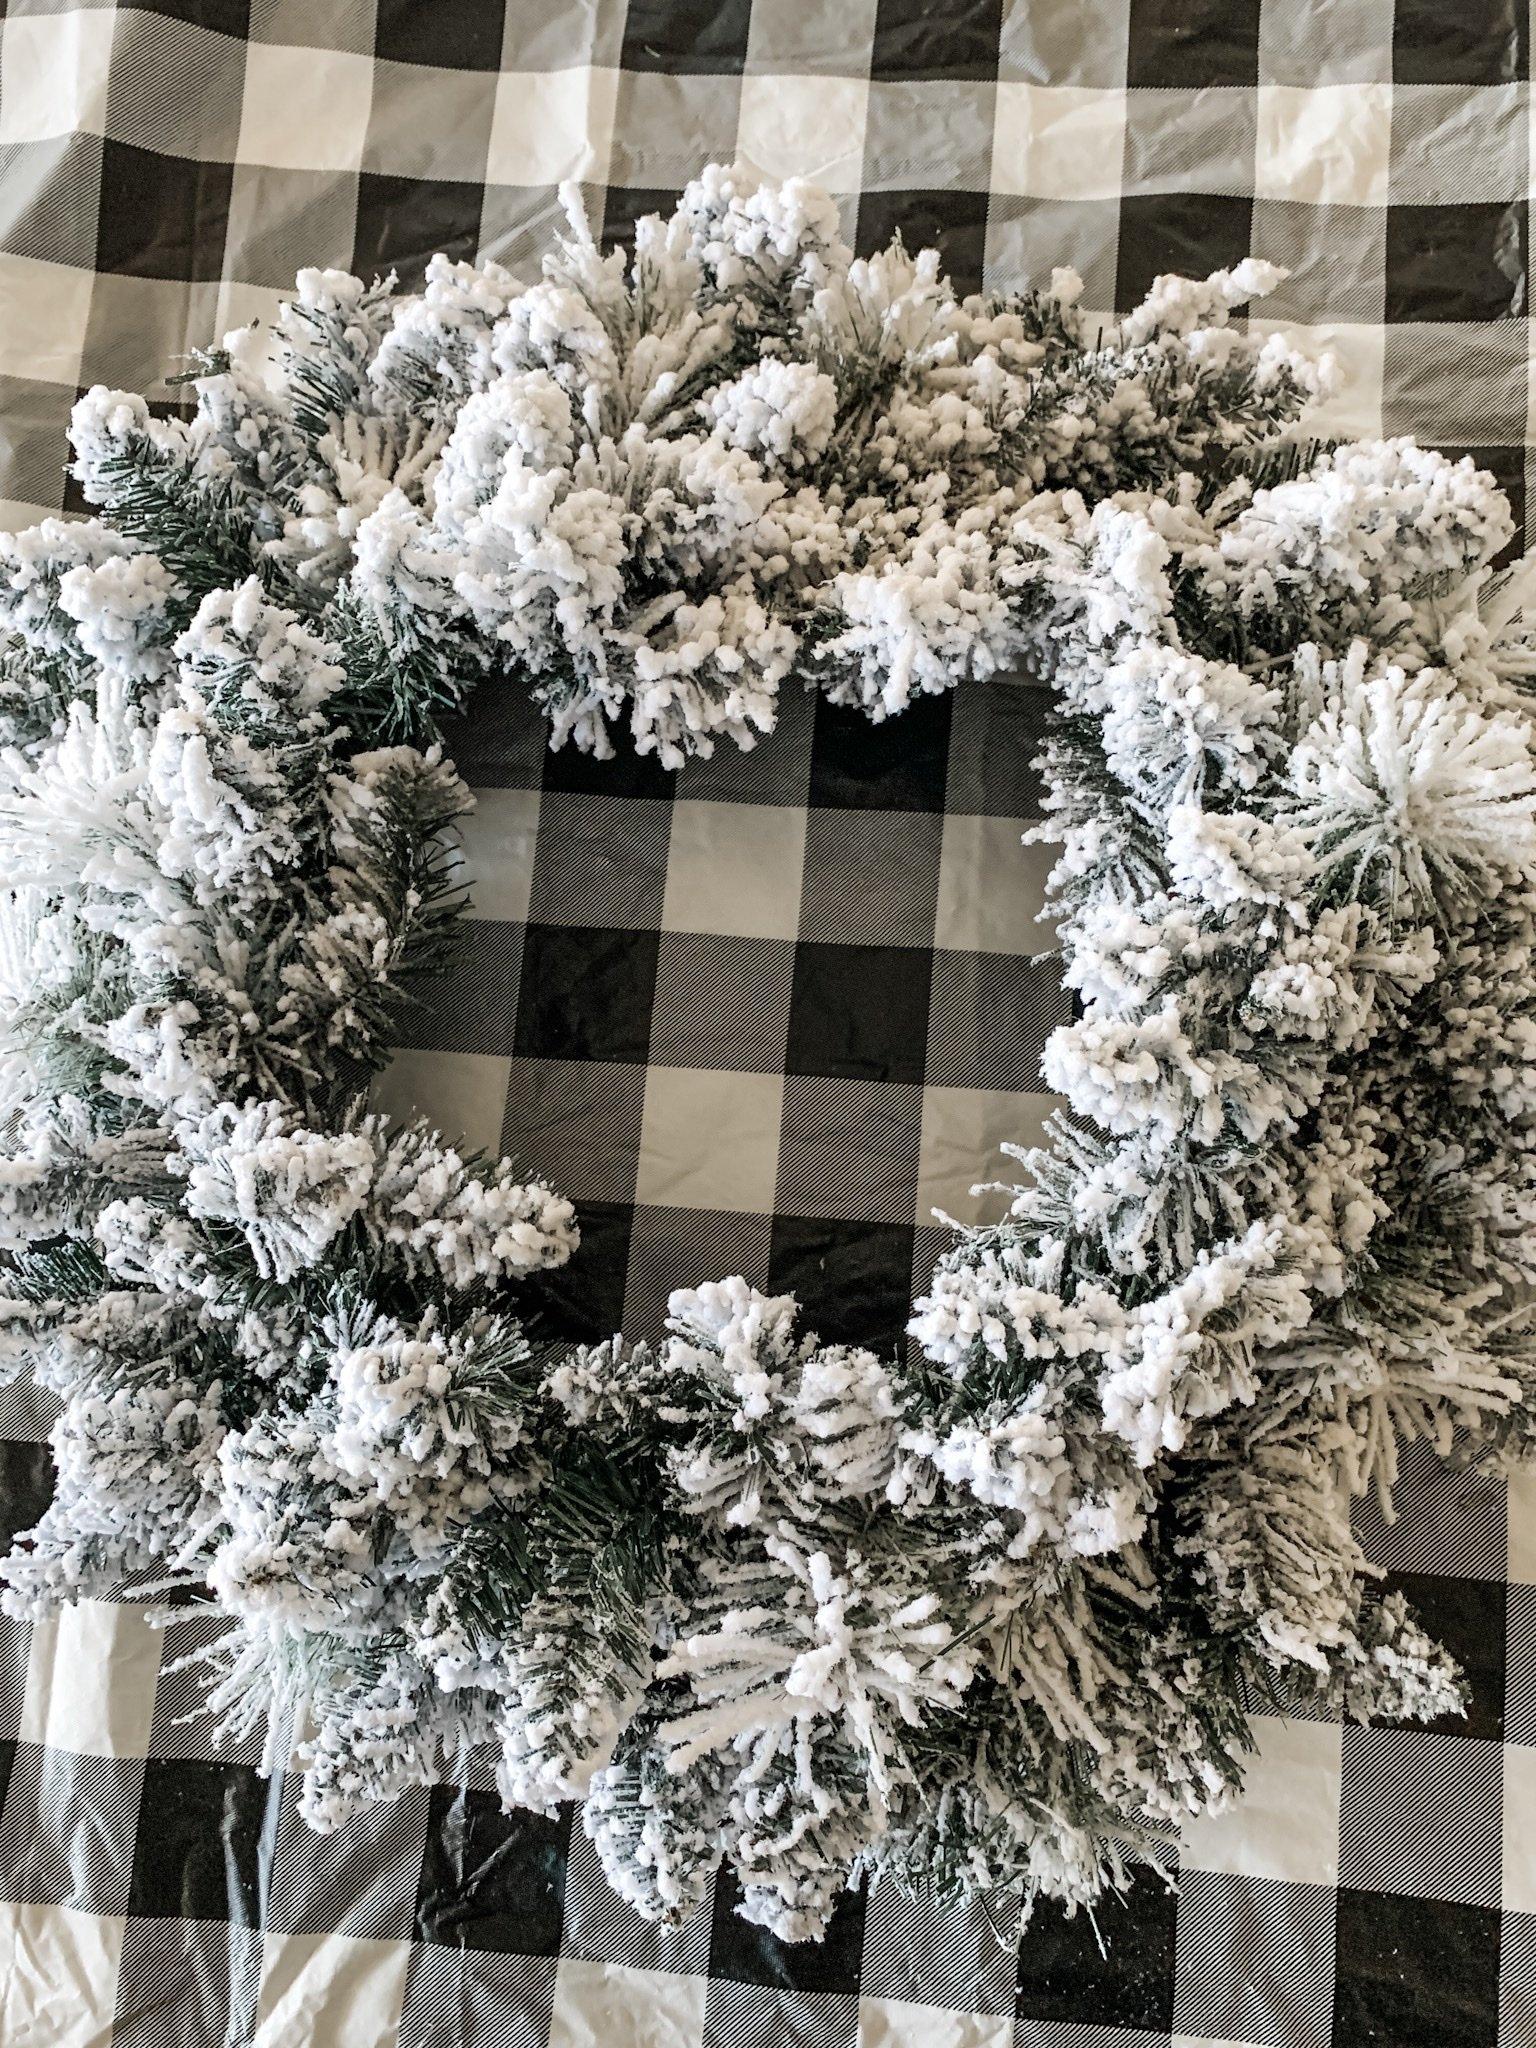 Flocked wreath idea for the holidays